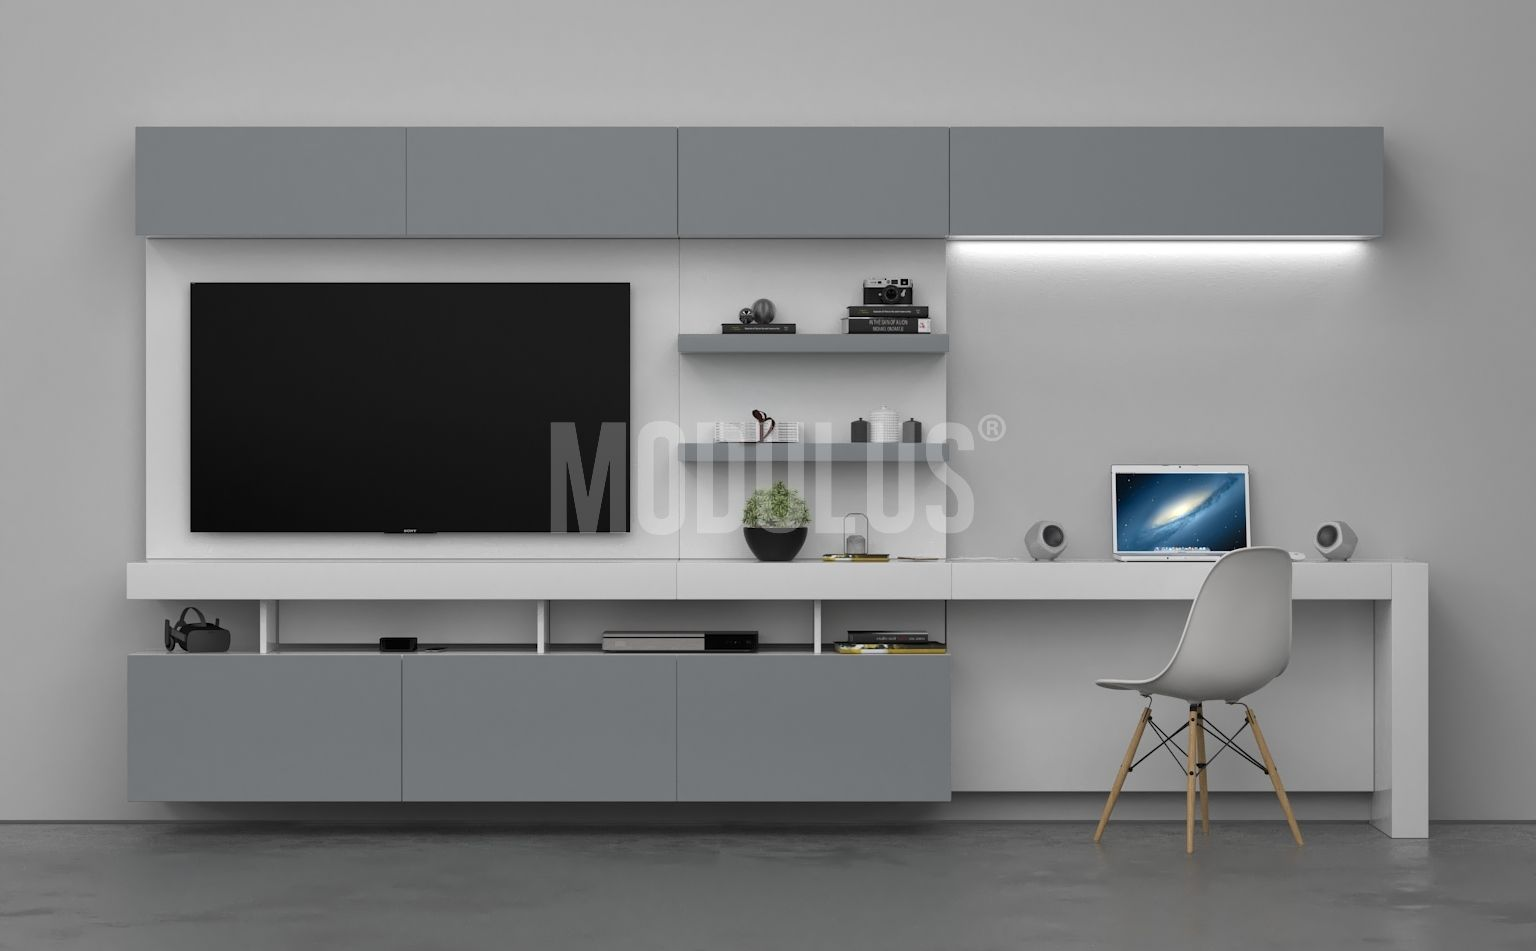 Modulus sistema mural 25 livingroom escritorio for Muebles de living modernos en cordoba